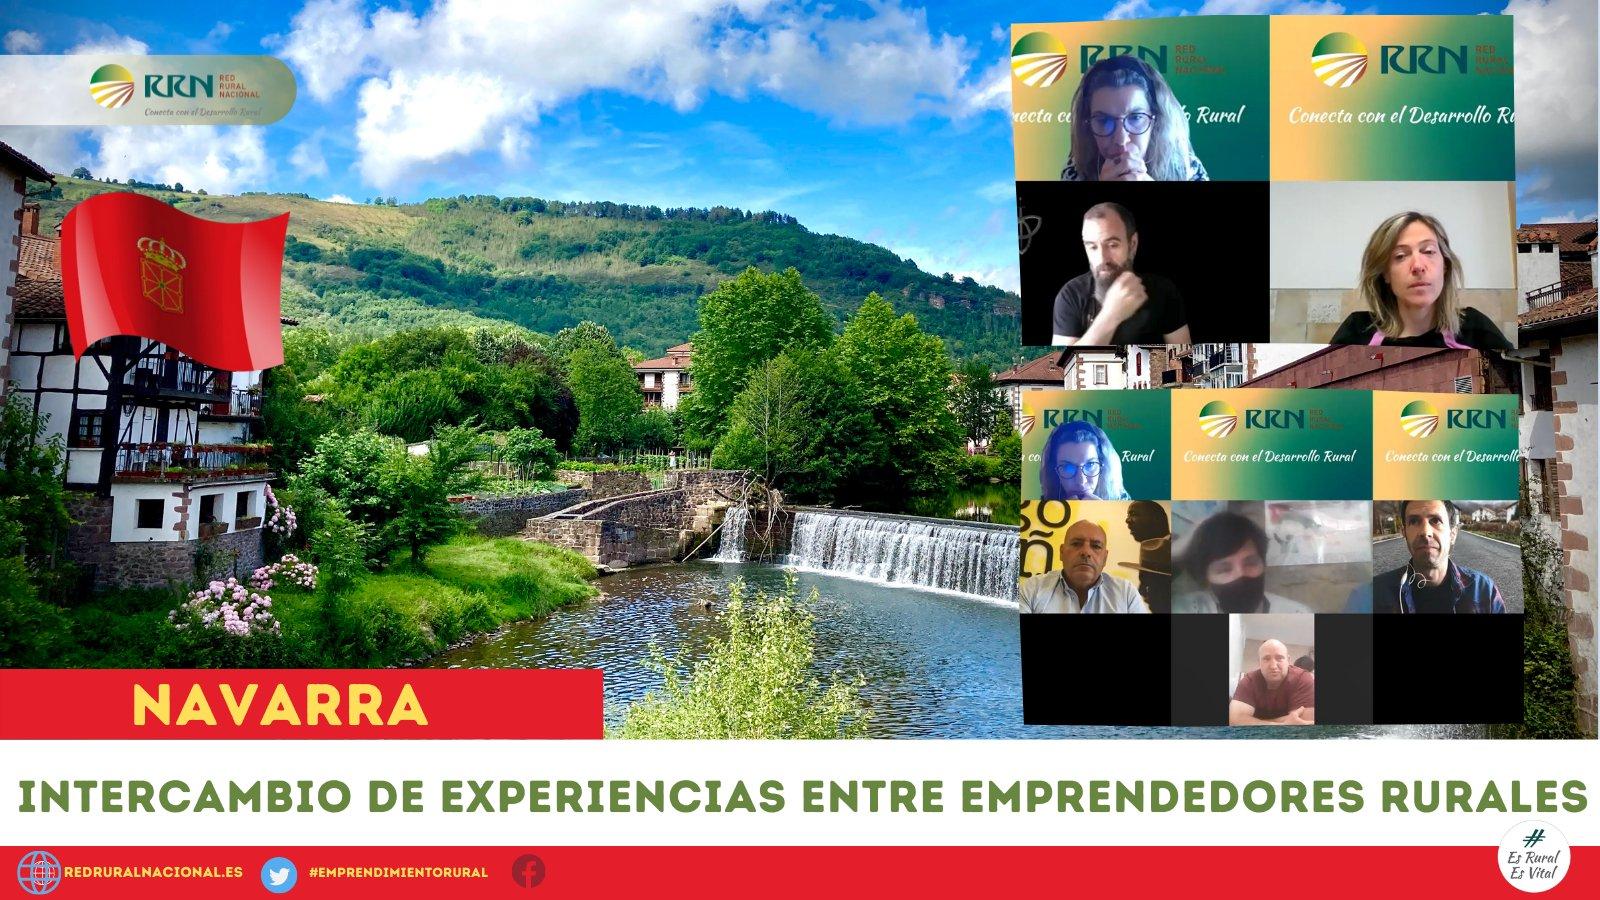 Celebrada una interesante jornada de «Intercambio de Experiencias entre emprendedores rurales» de Navarra